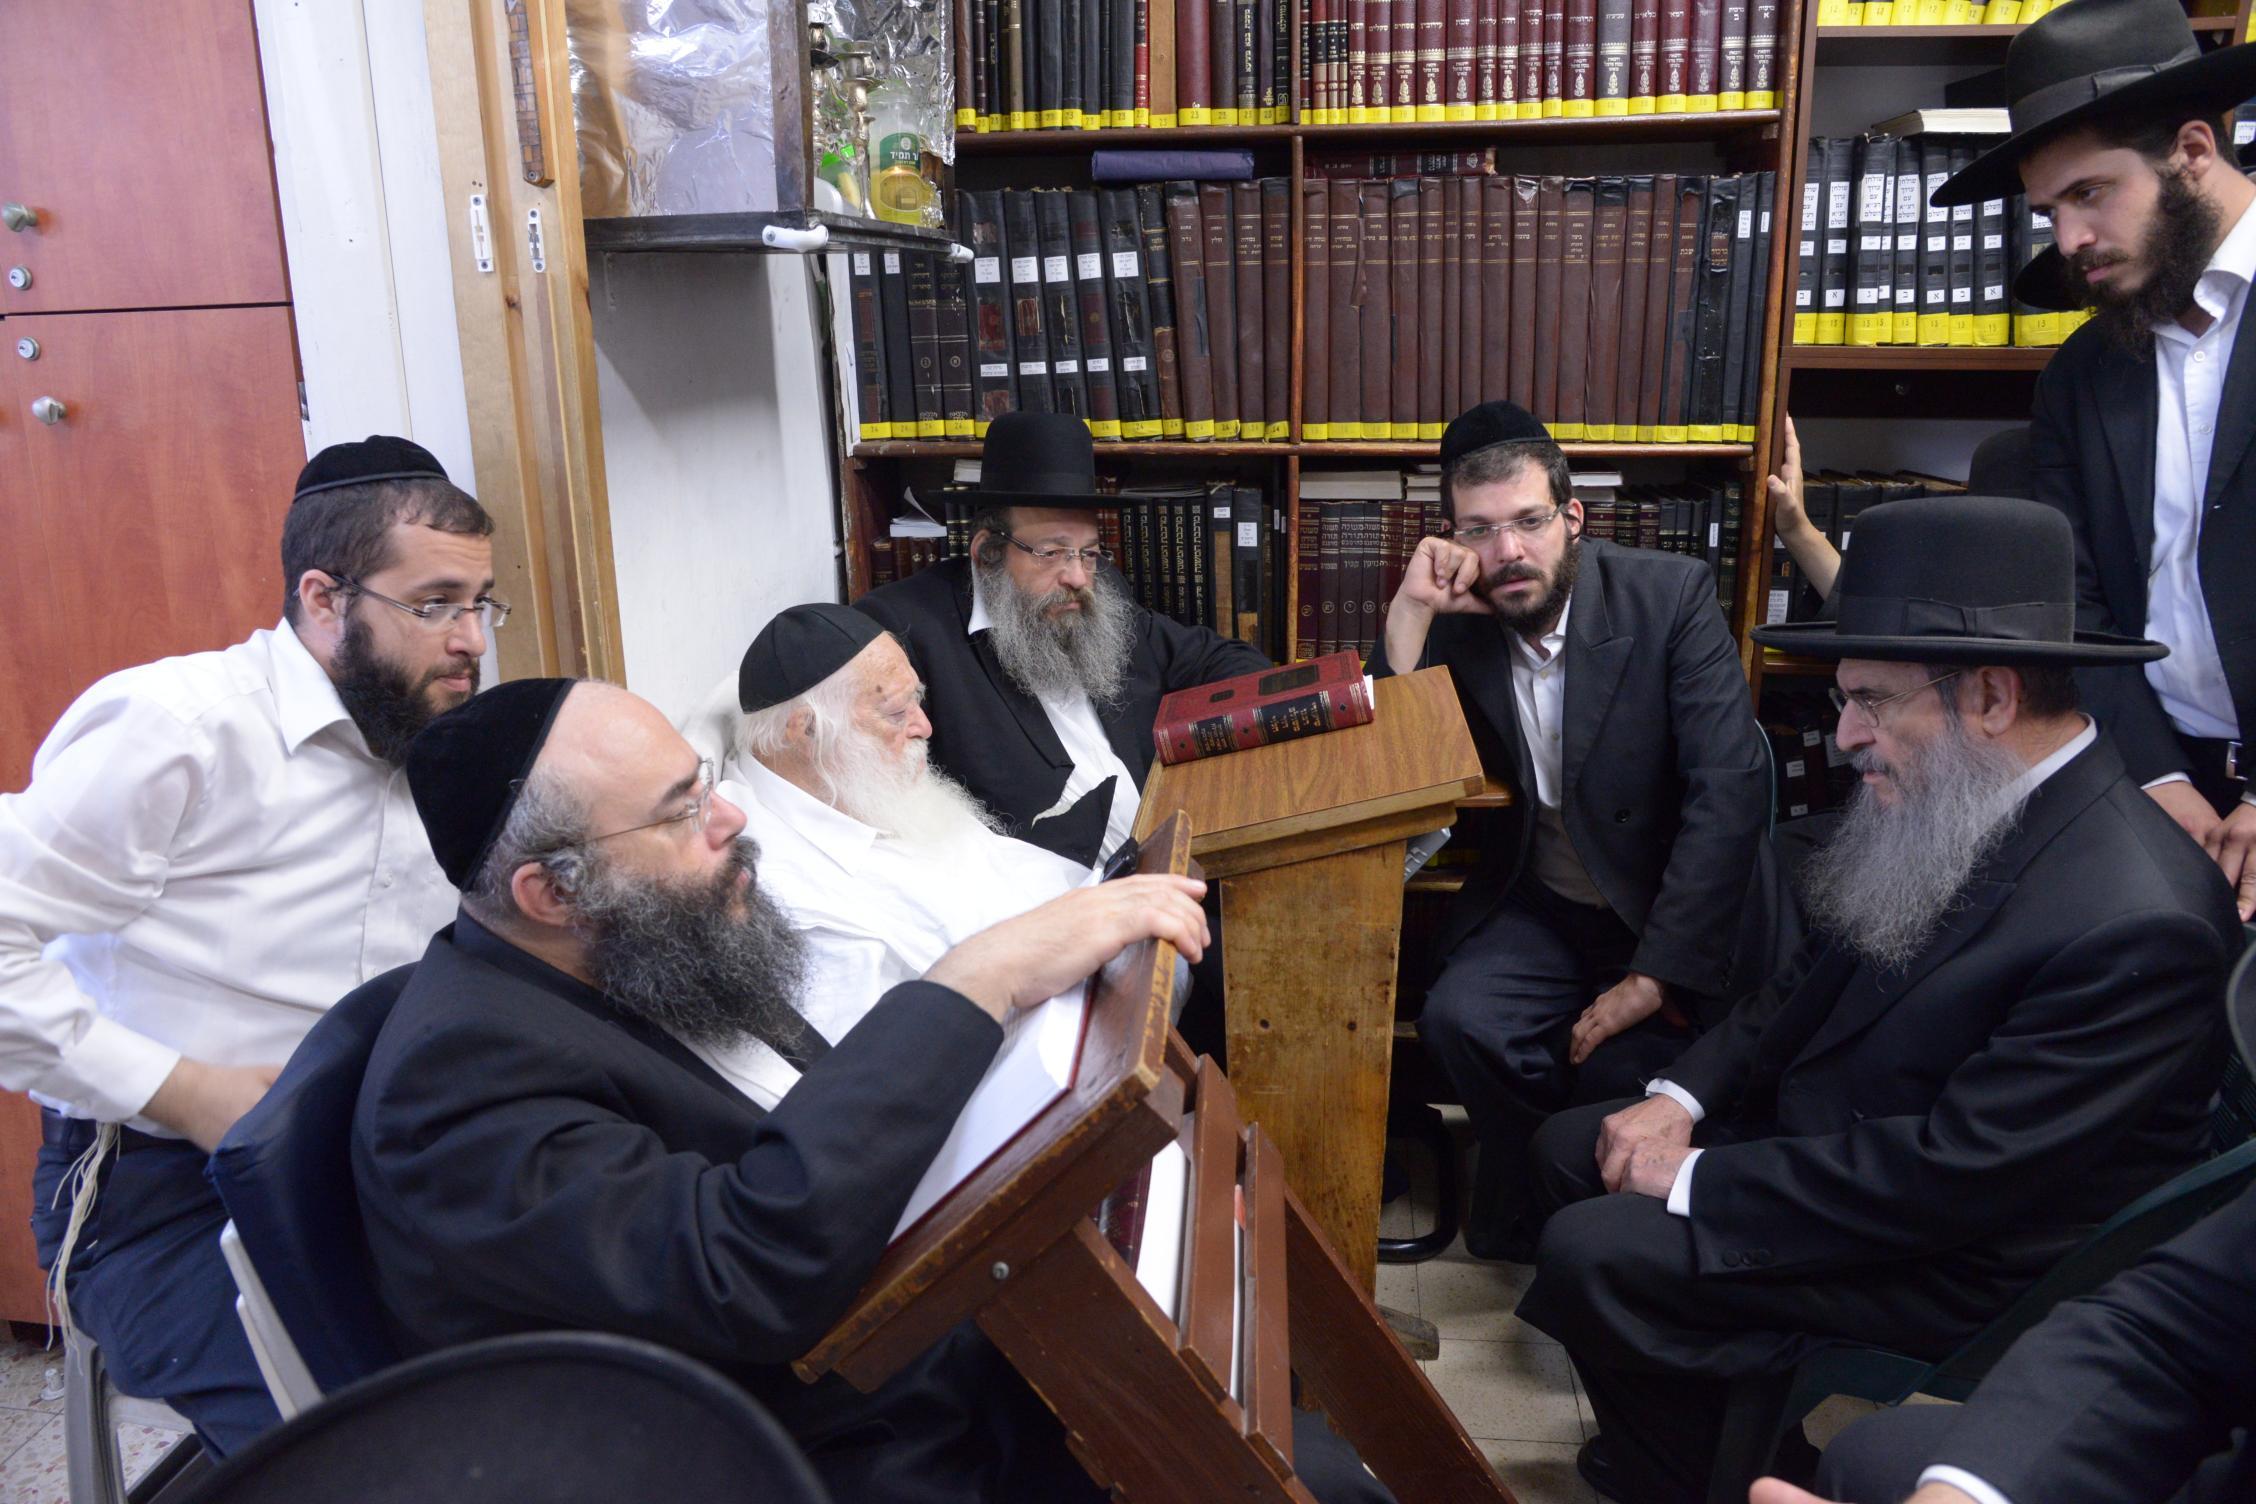 ניחום אבלים אצל מרן הגר''ח בהם הגאב''ד, הרב לאו, נבנצל ועוד צילם משה גולדשטיין (43)